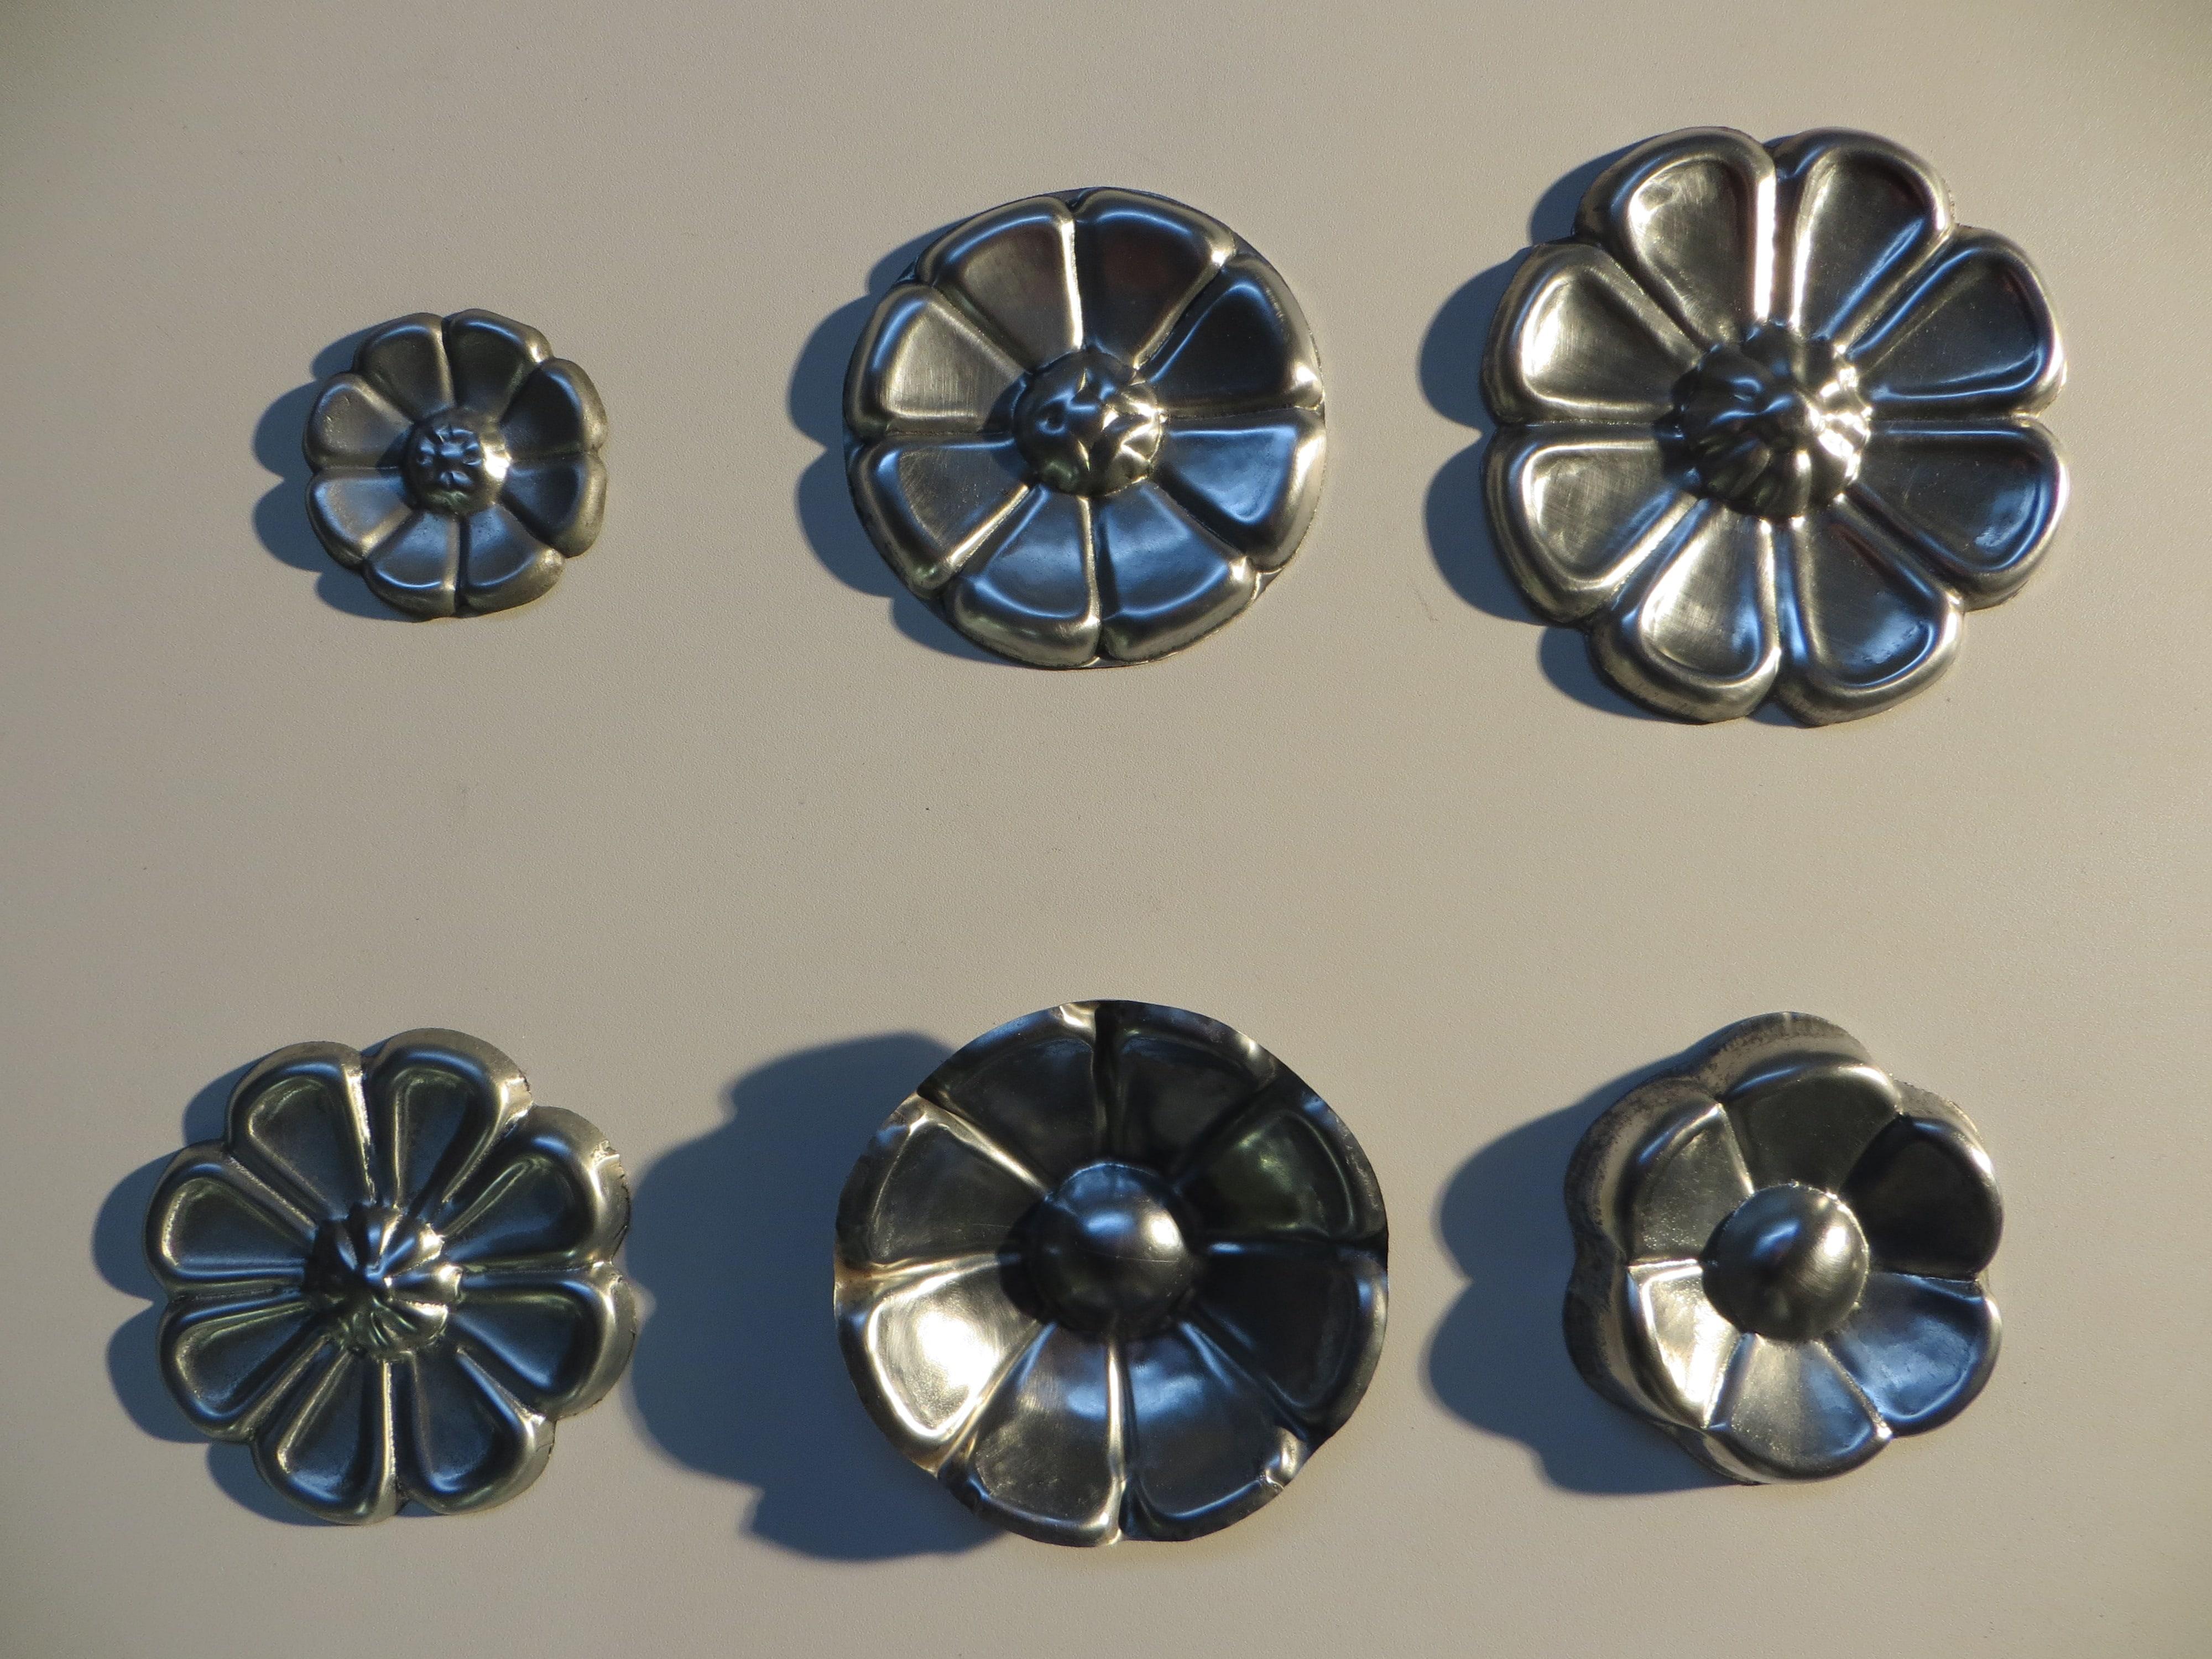 Rosaces estampées en Zinc naturel. En haut, de gauche à droite : Ref.R19 diam.80mm / Ref.R20 diam.120mm / Ref.R21 diam.150mm. En bas, de gauche à droite : Ref.R22 diam.125mm / Ref.R23 diam 125mm / Ref.R24 diam 115mm